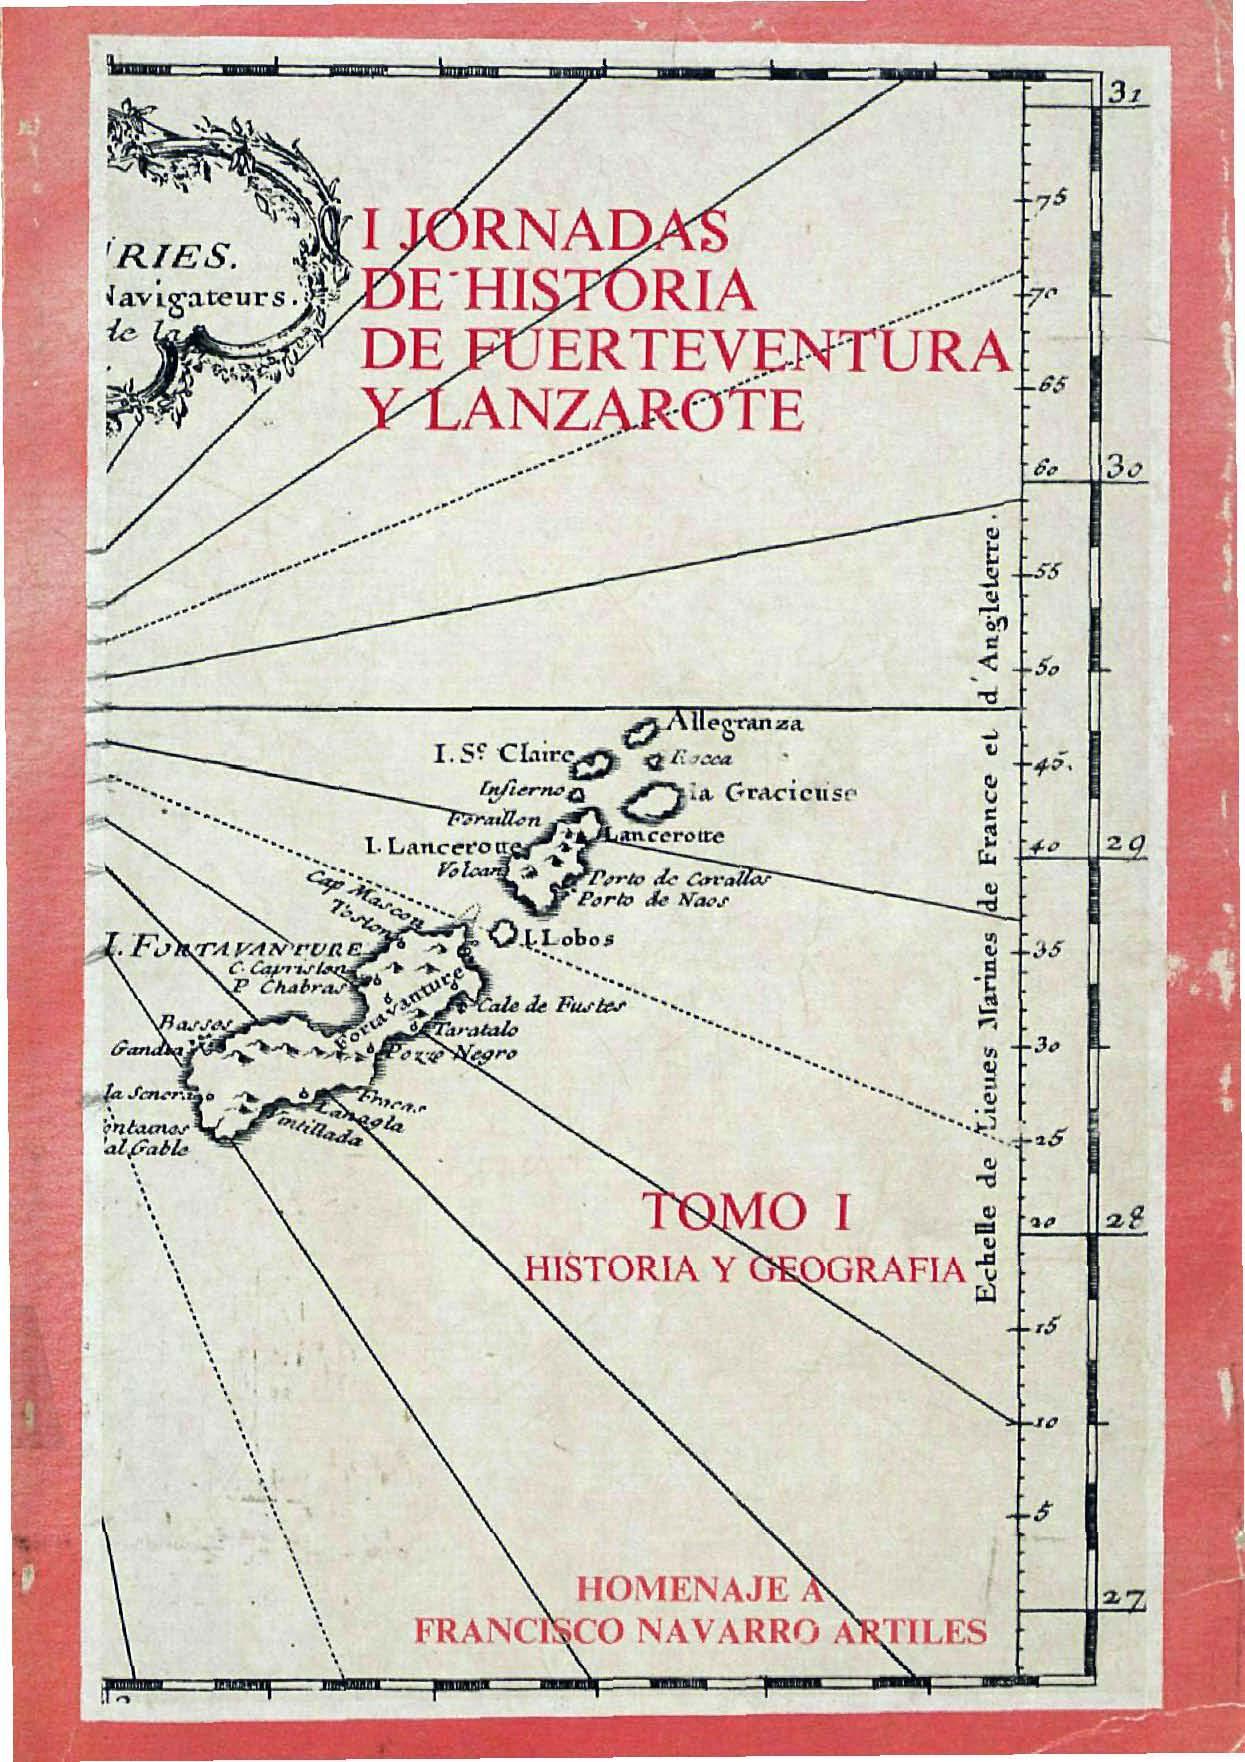 1720: motines en Lanzarote y Fuerteventura